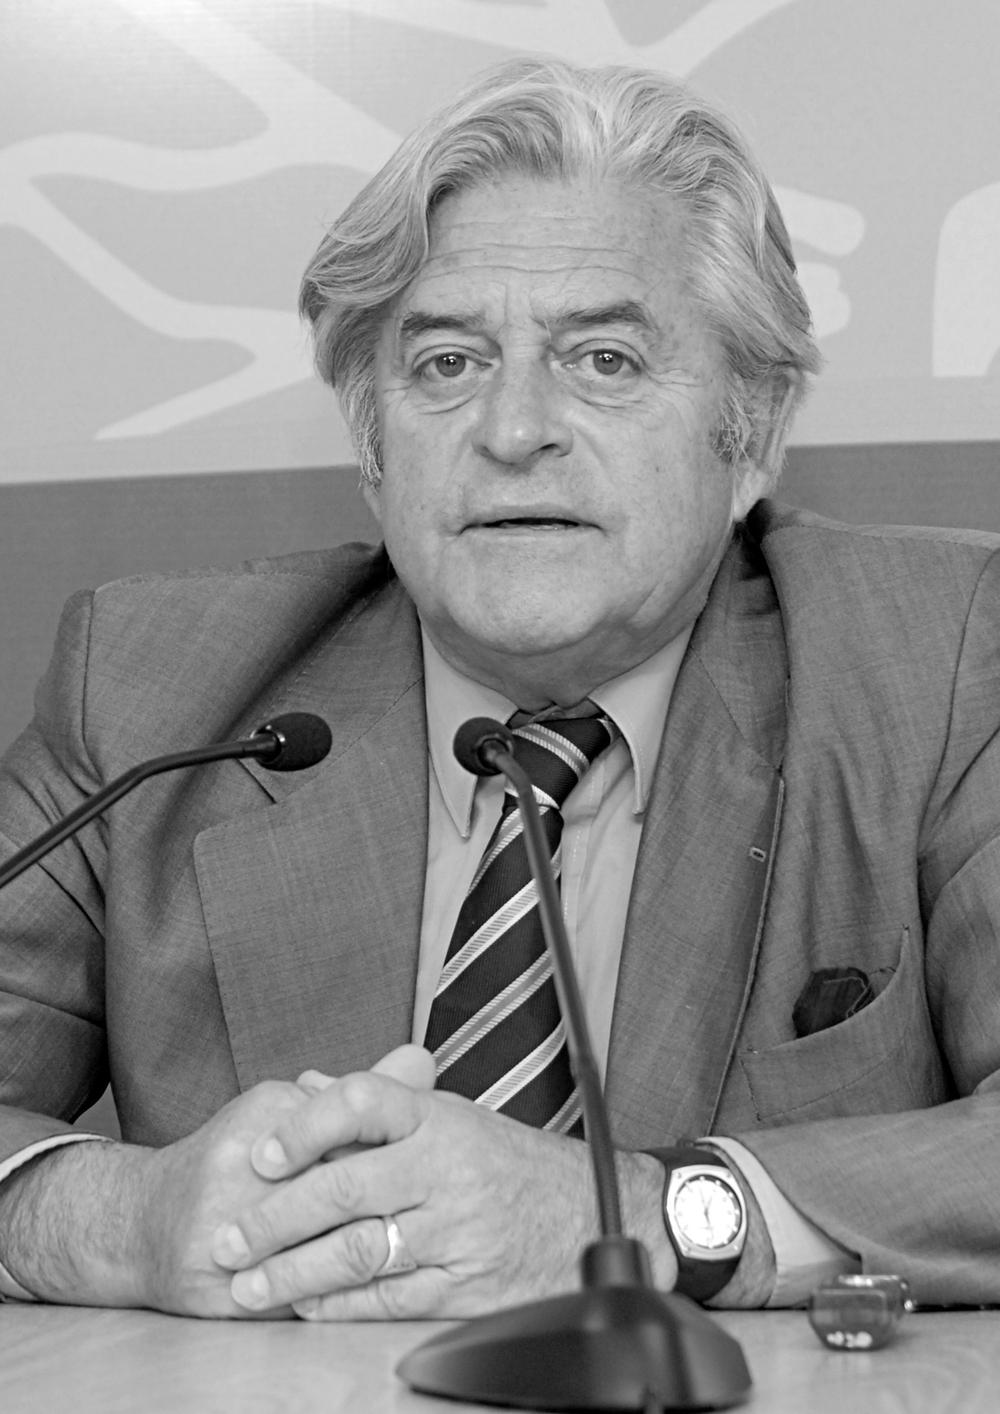 """Luis Alberto Lacalle, Uruguay (1990-1995)  """"En la sociedad moderna el imperium no proviene de la fuerza, no proviene del respaldo de las armas sino de esa legitimidad que a quienes el día de mañana podamos no estar de acuerdo con el gobierno electo, nos tiene que hacer acatar, aceptar como legítimo en el origen y por lo tanto legítimo en el ejercicio""""."""